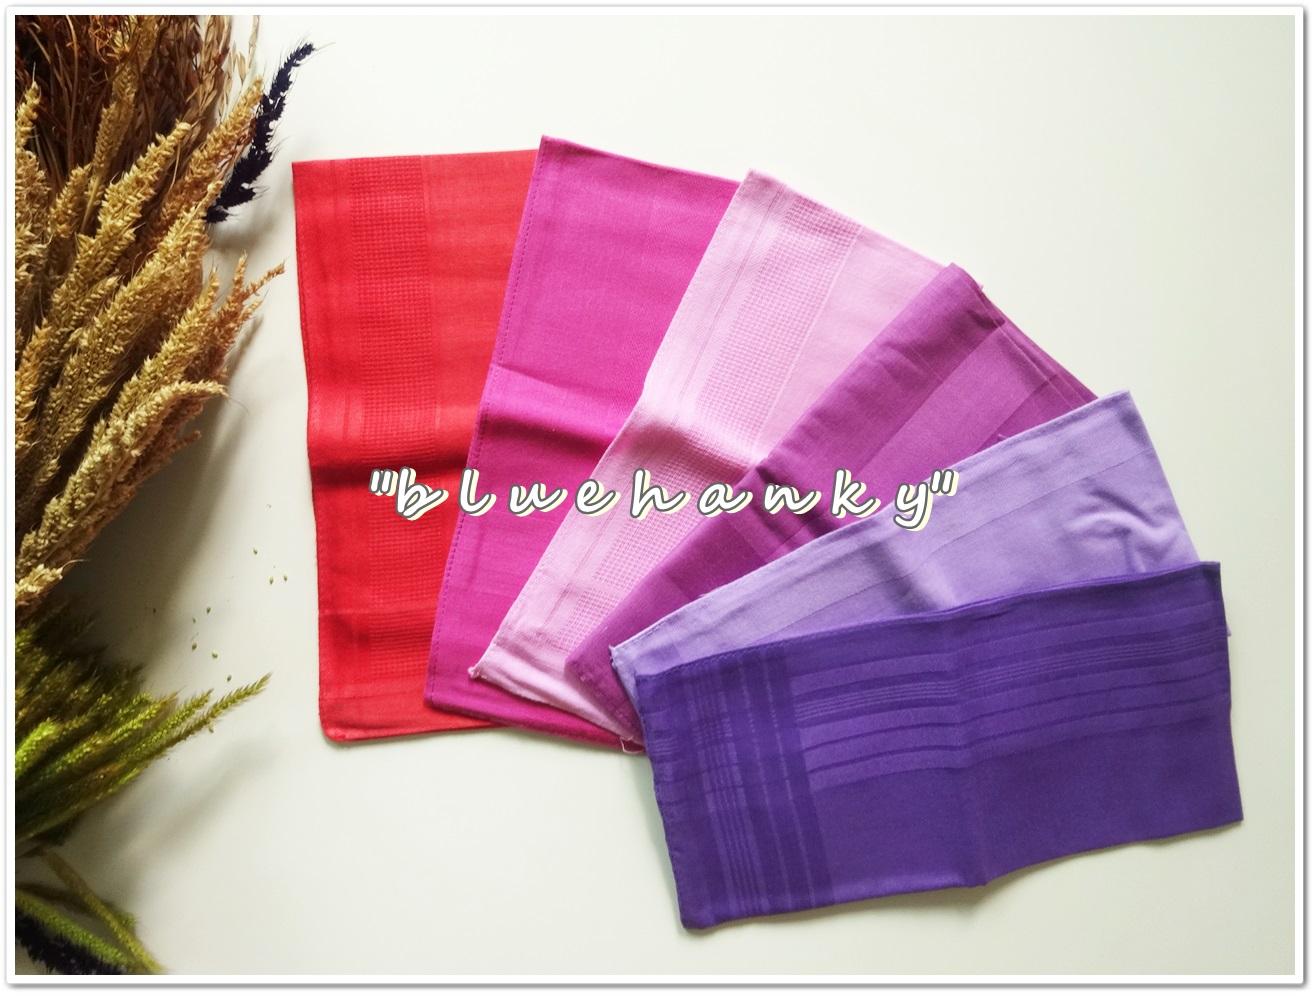 ผ้าเช็ดหน้าสีพื้นโทนสีชมพูม่วง 6 ผืน